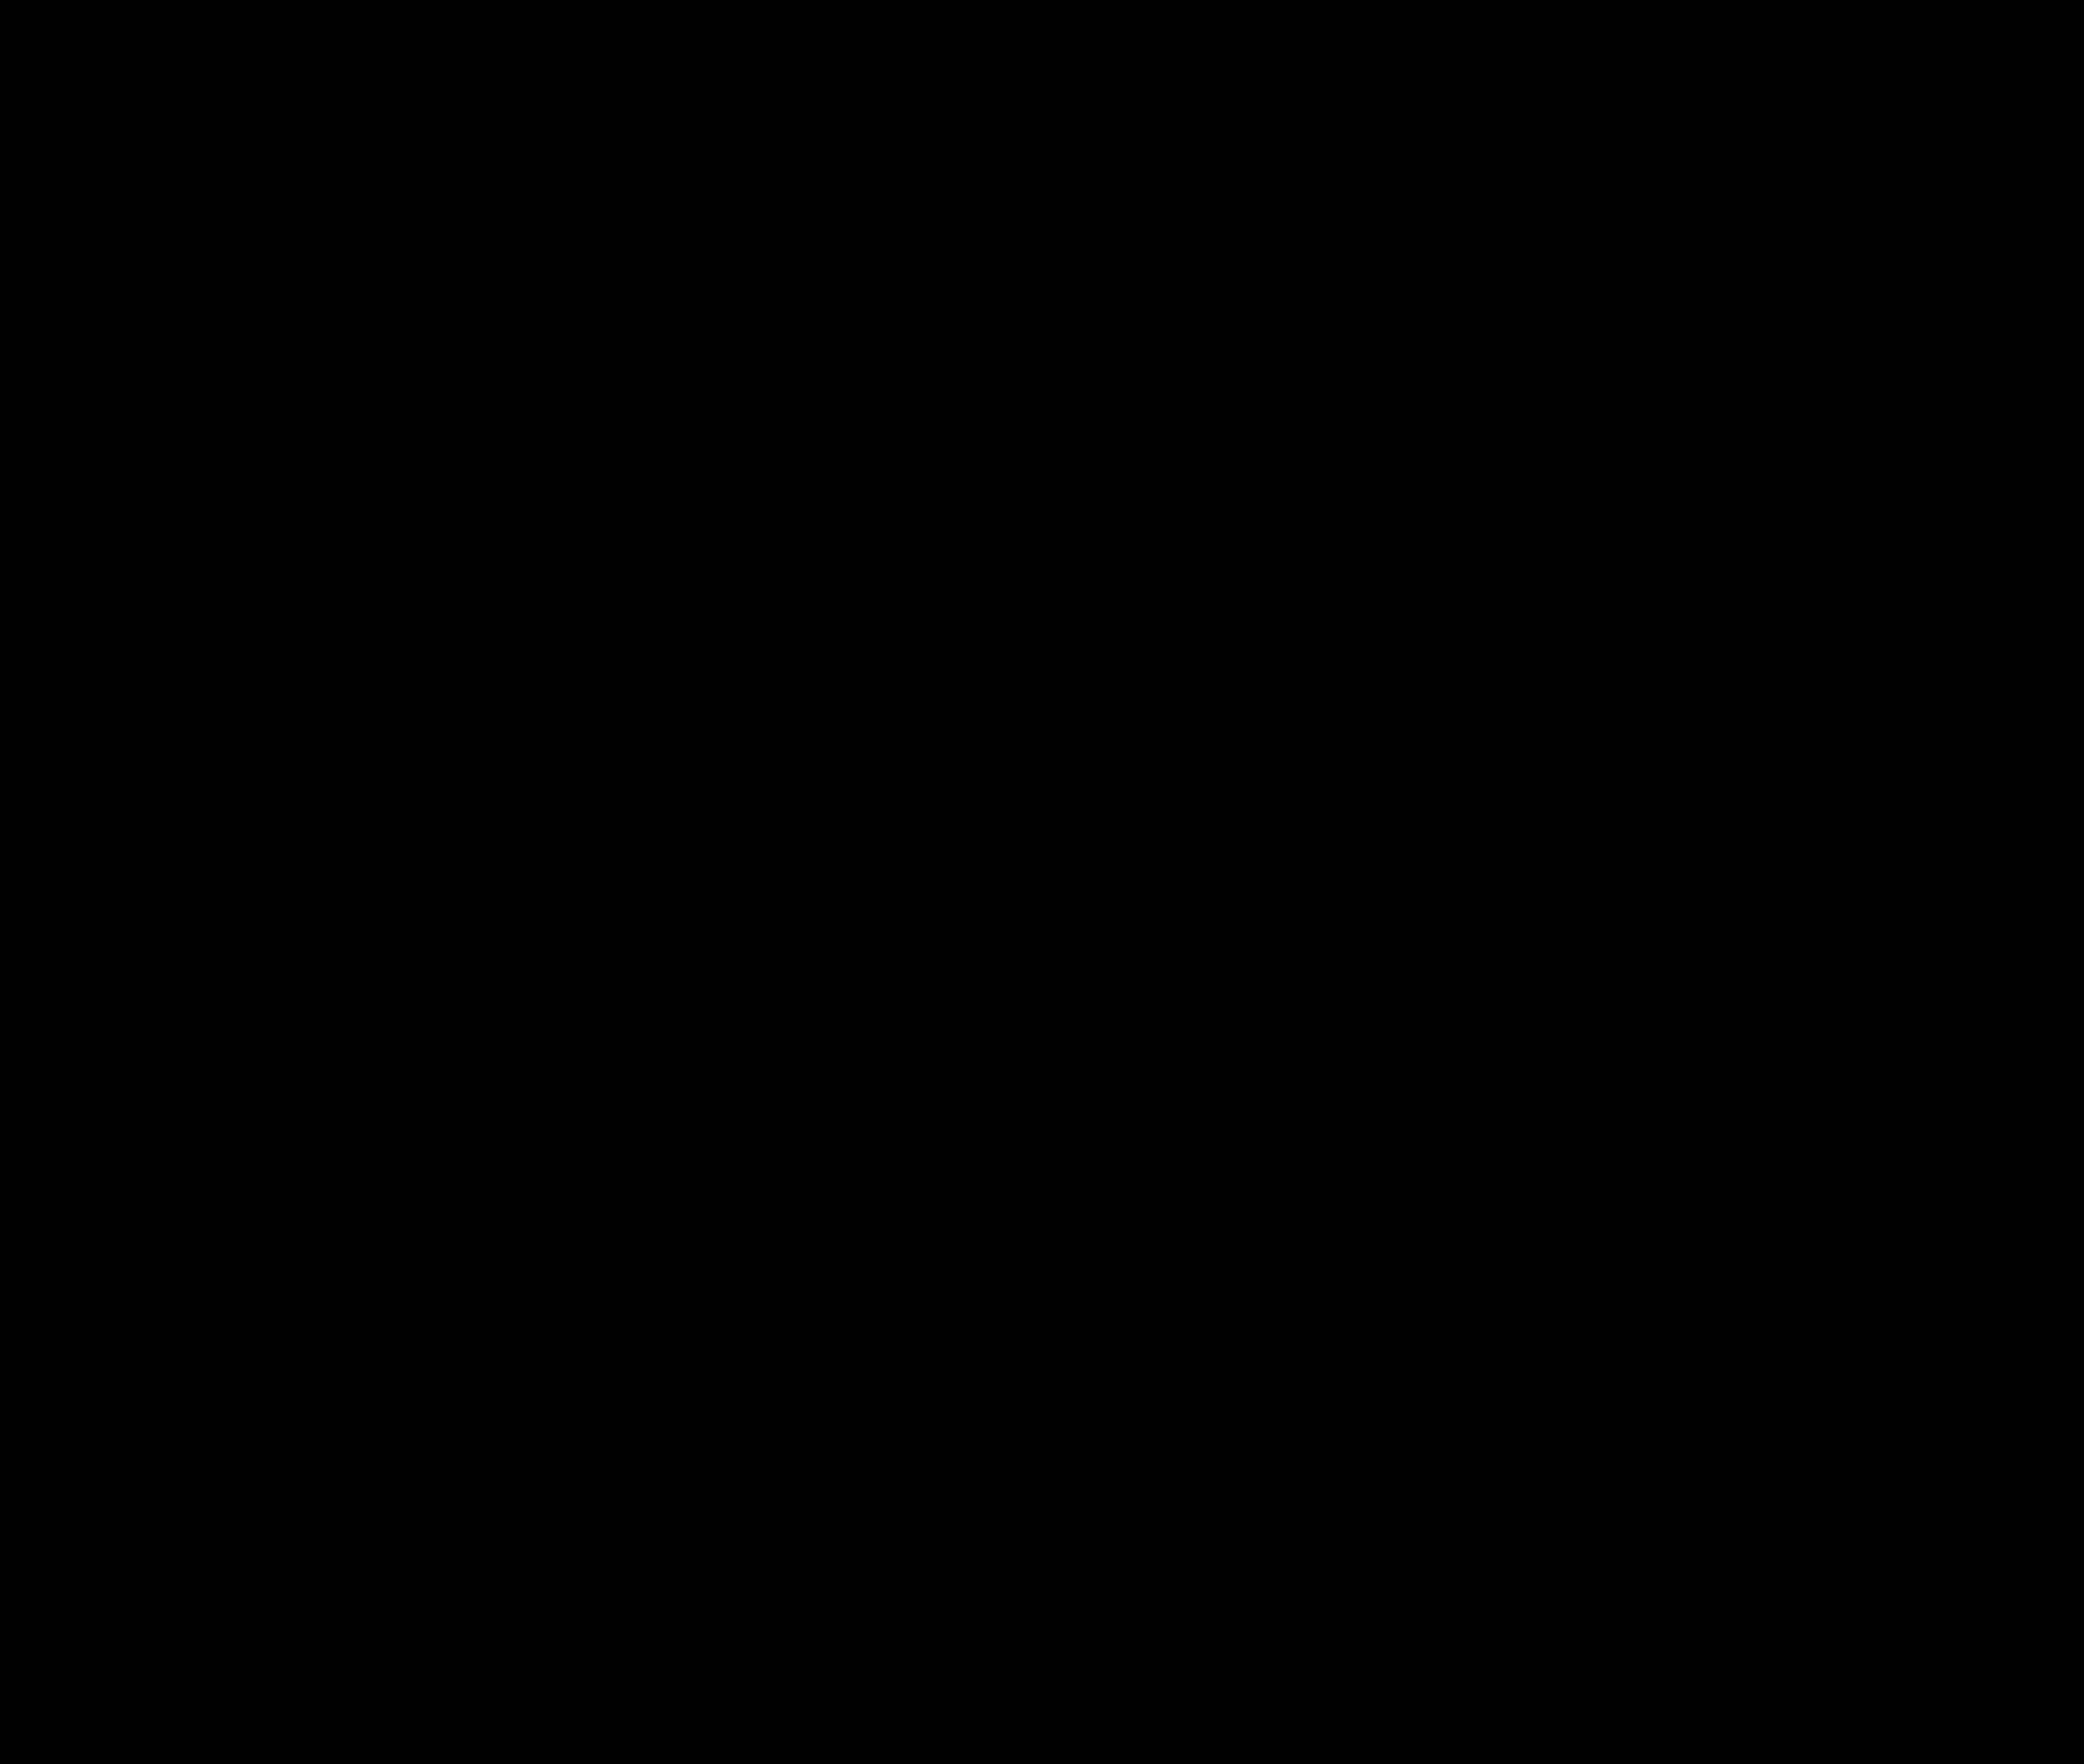 Stellar (XLM) coin